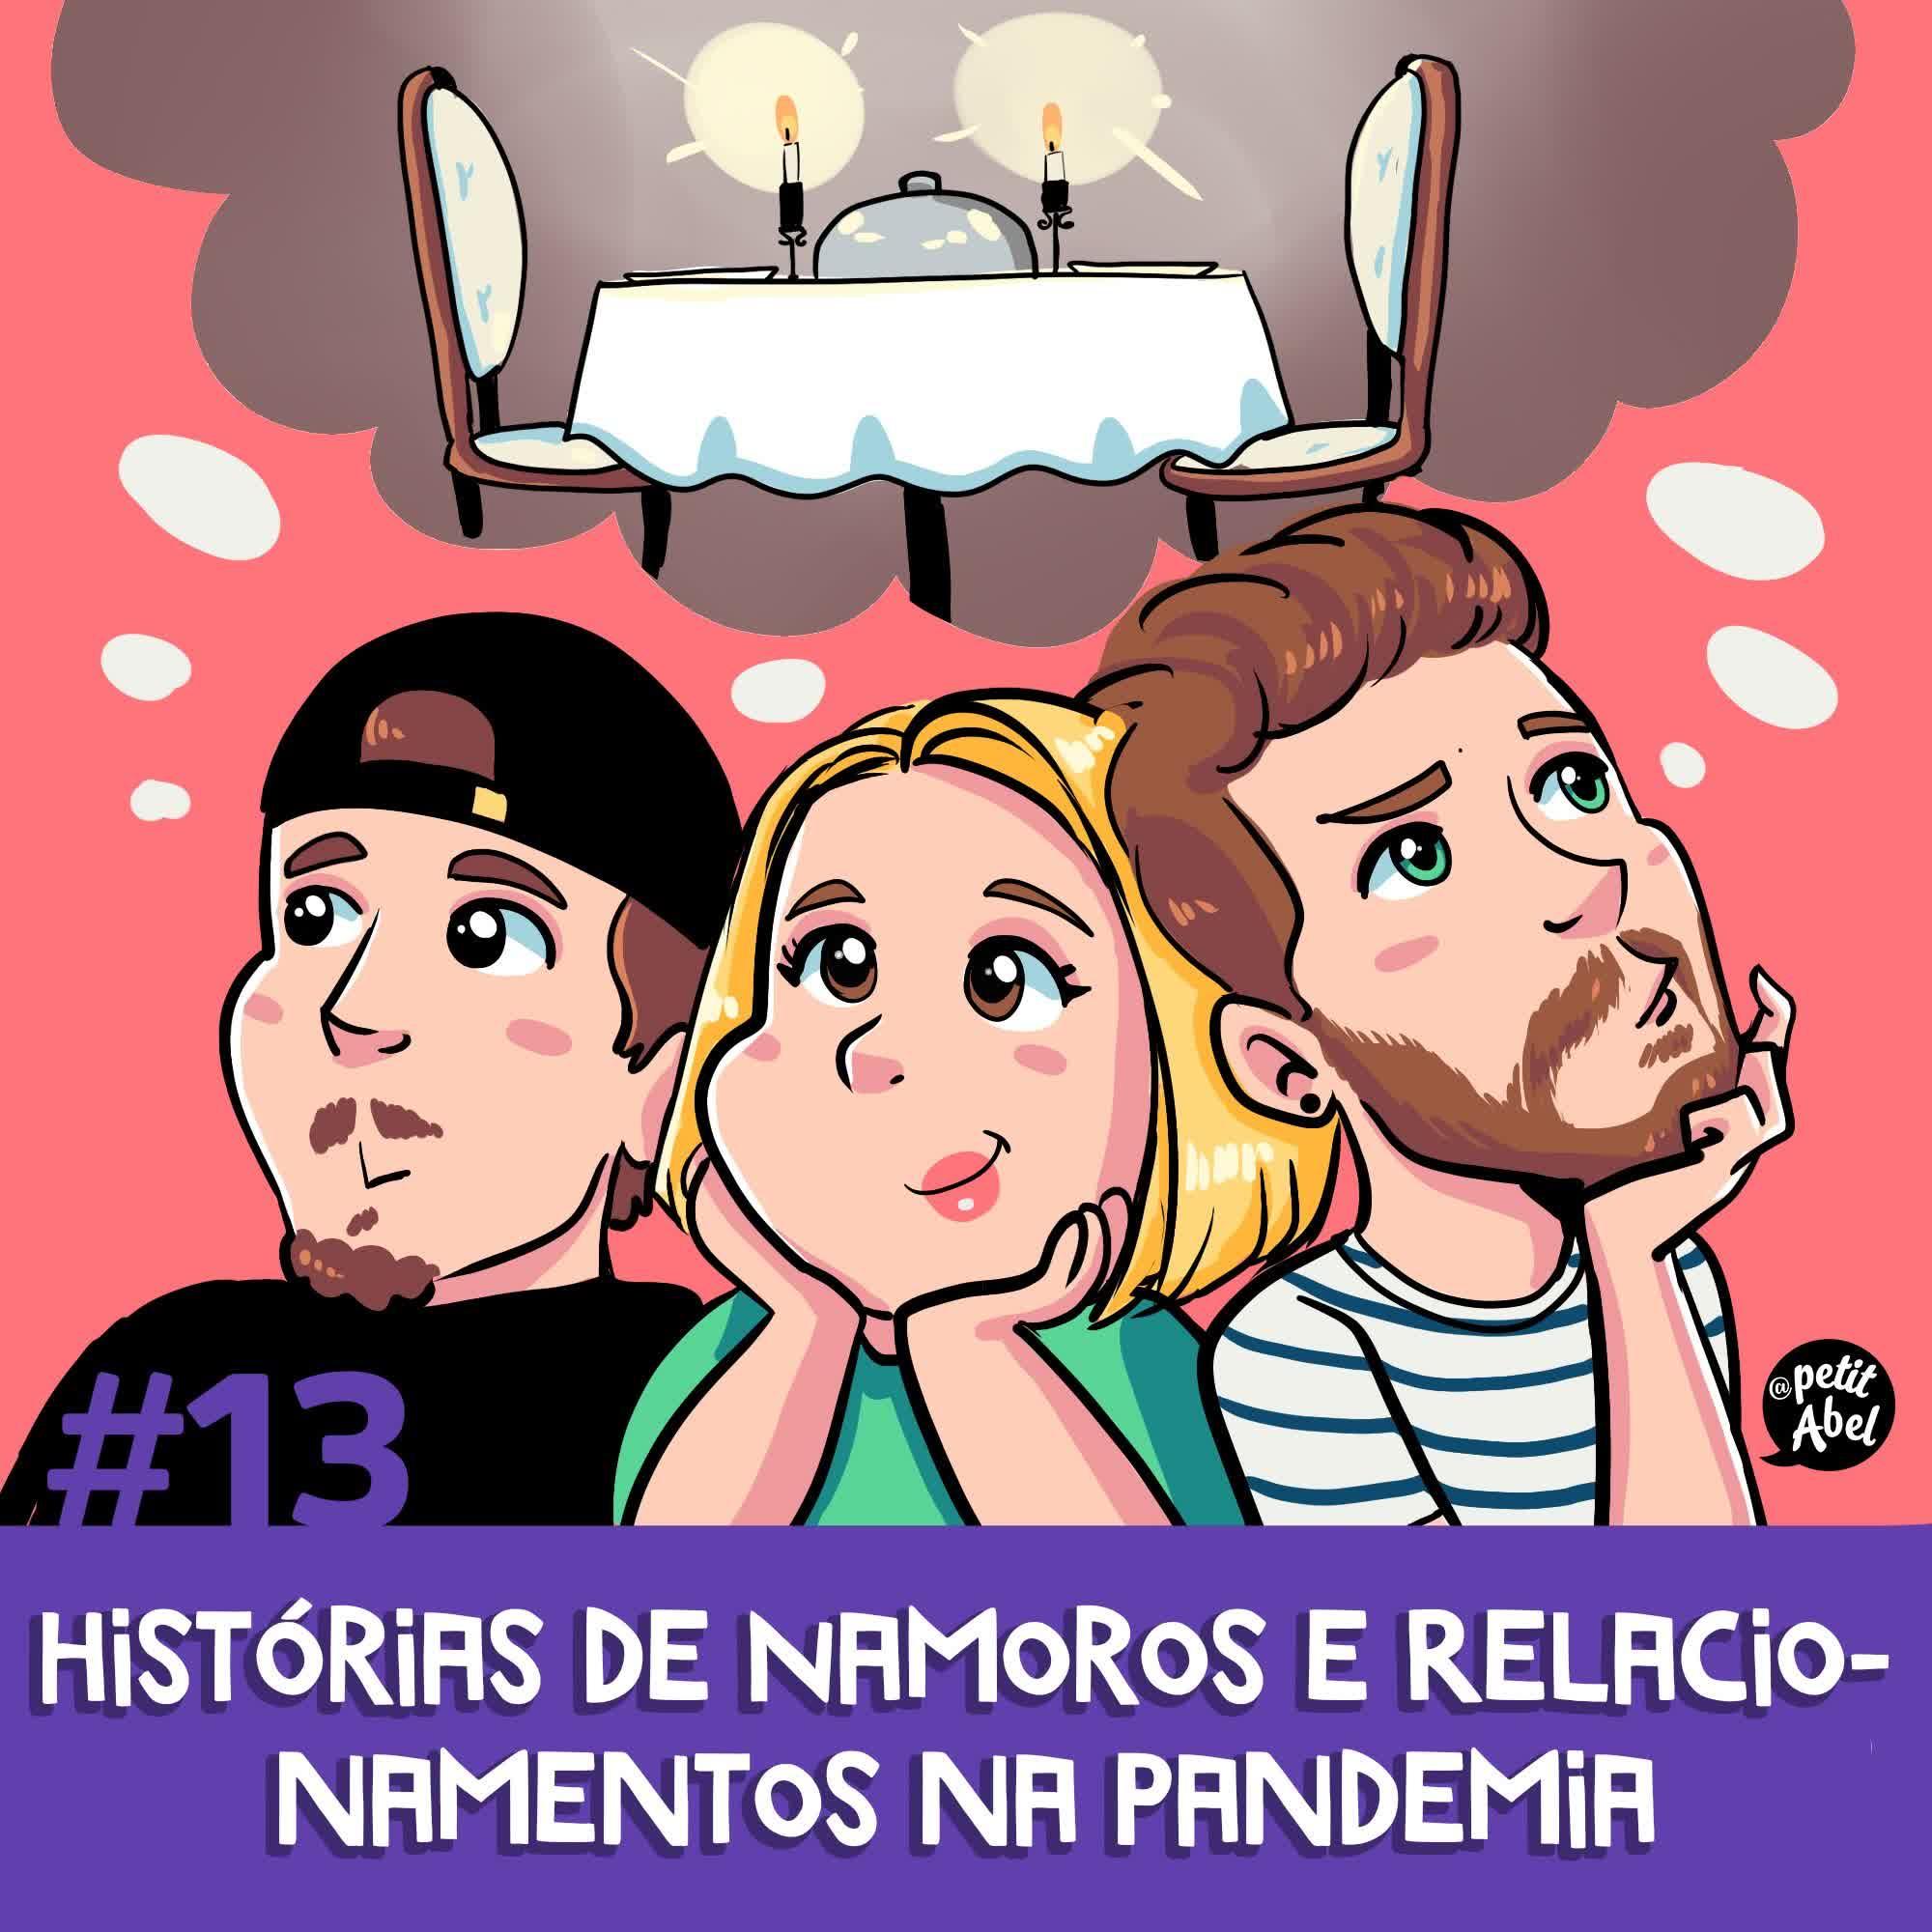 #13 - Histórias de Namoros e Relacionamentos na Pandemia